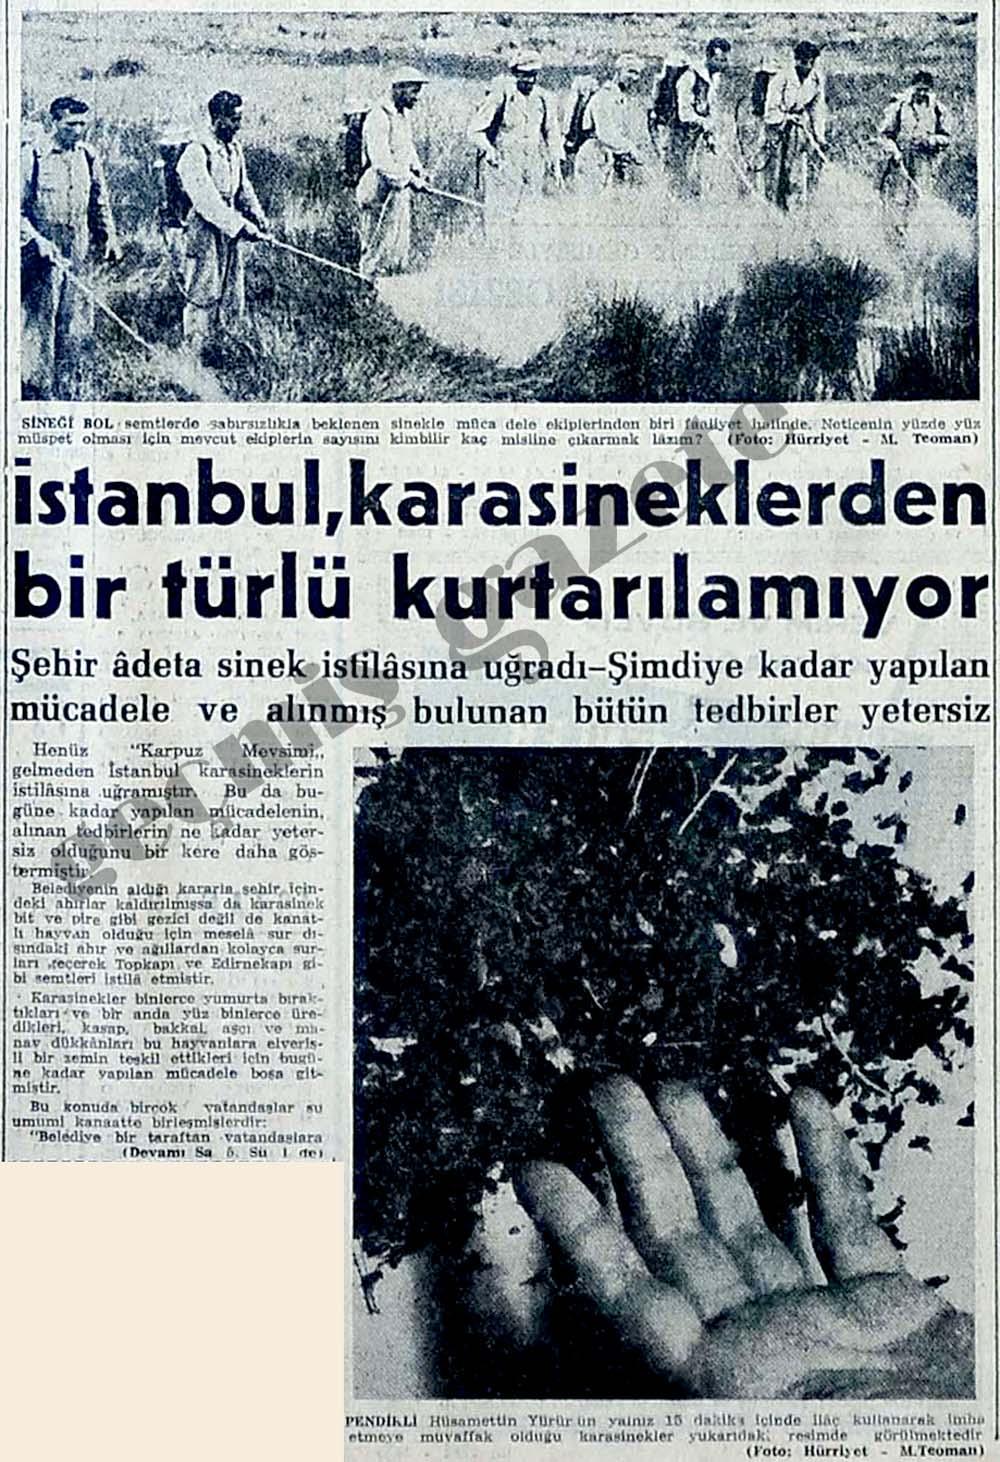 İstanbul, karasineklerden bir türlü kurtarılamıyor